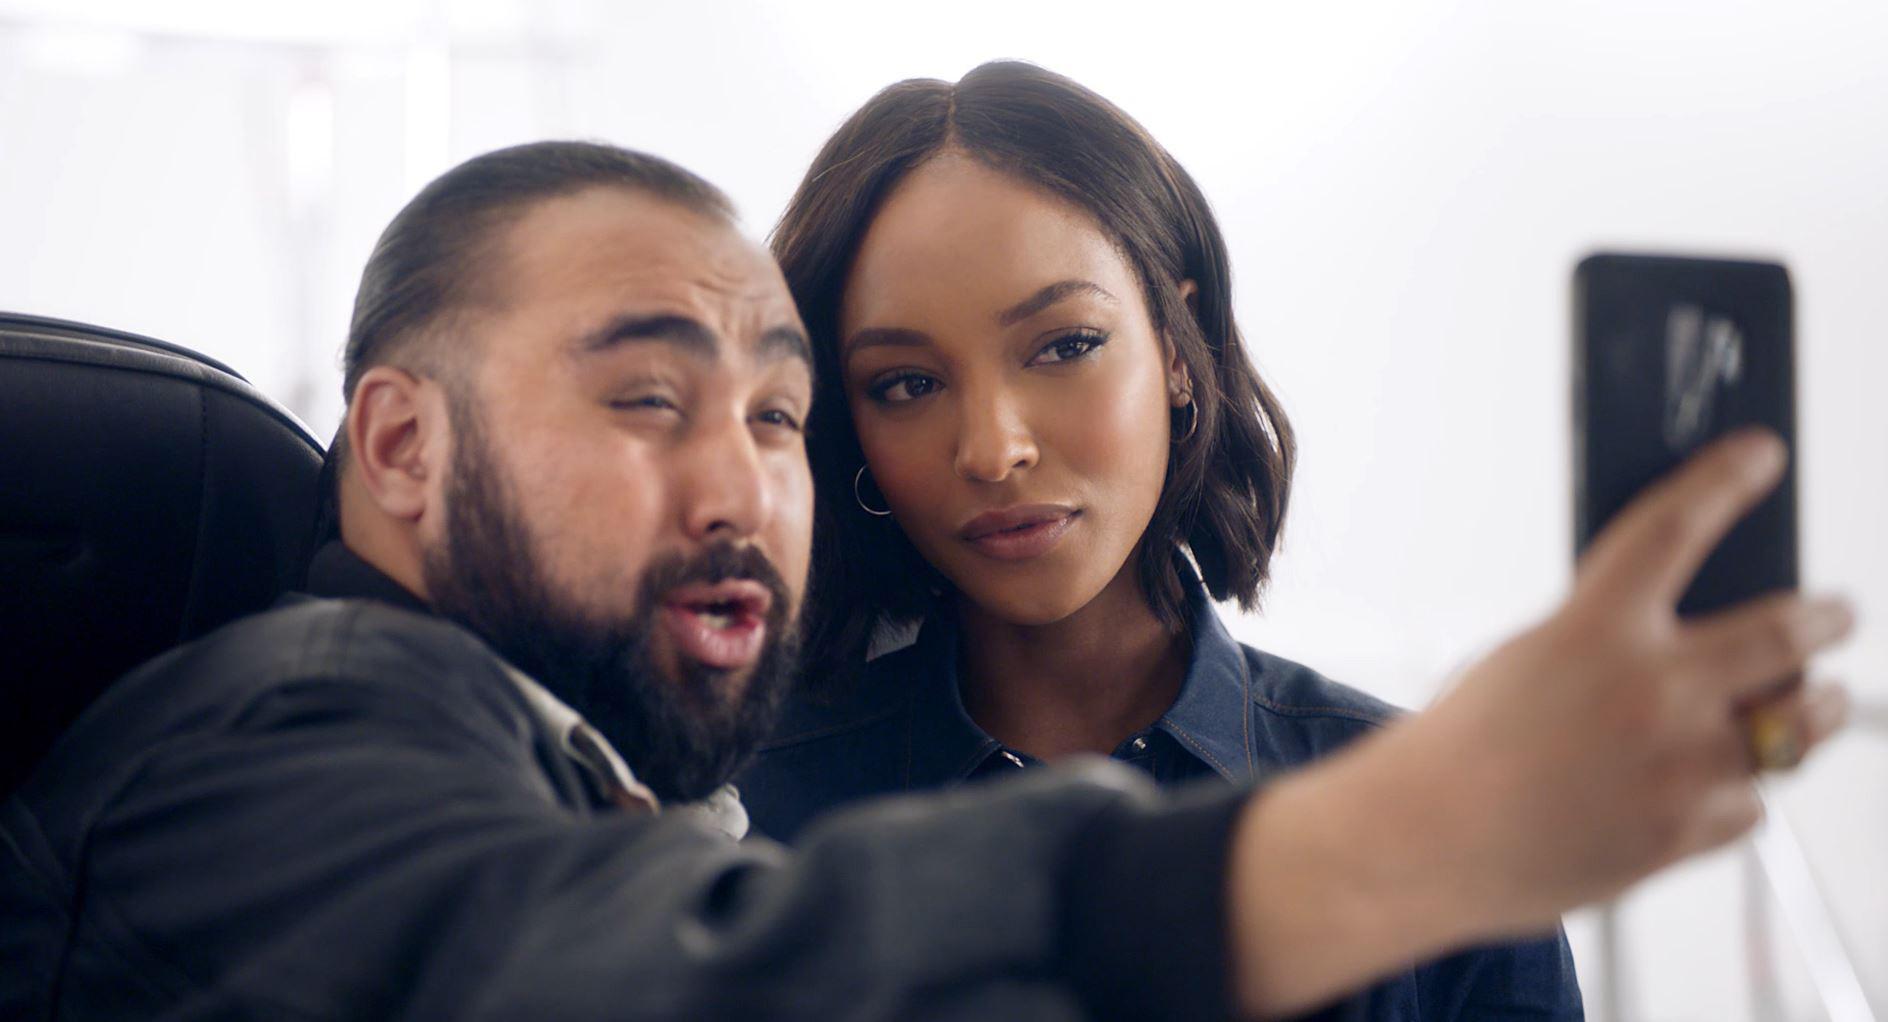 """Komikeren Chabuddy G (Asim Chaudhry) er """"instruktør"""" på den nye BA-sikkerhedsvideo – her med en anden af de medvirkende, modellen Jourdan Dunn. Foto: British Airways."""